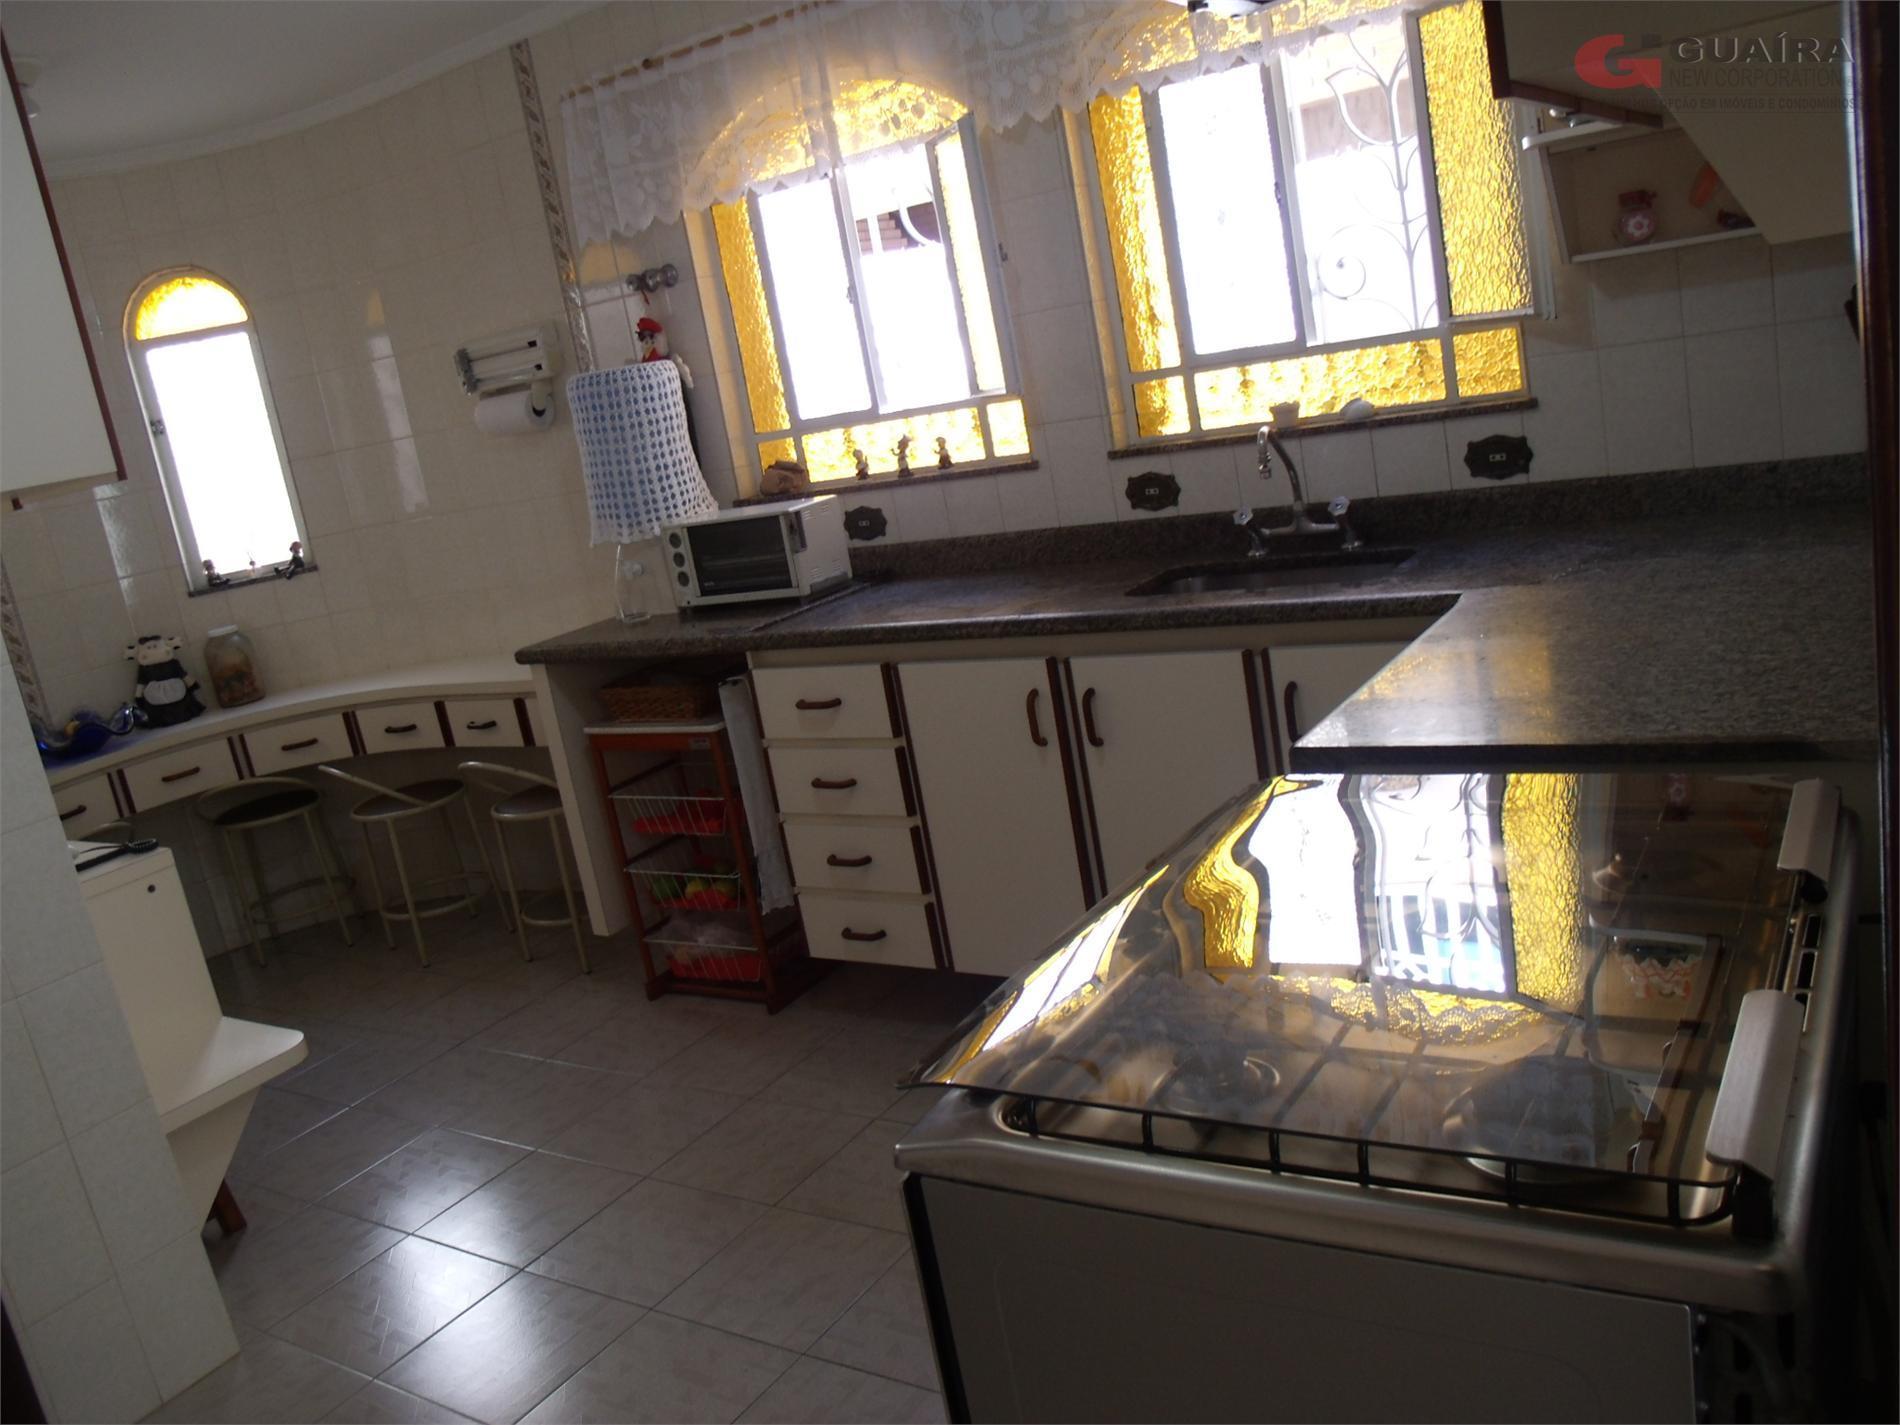 Sobrado de 4 dormitórios à venda em Parque Espacial, São Bernardo Do Campo - SP